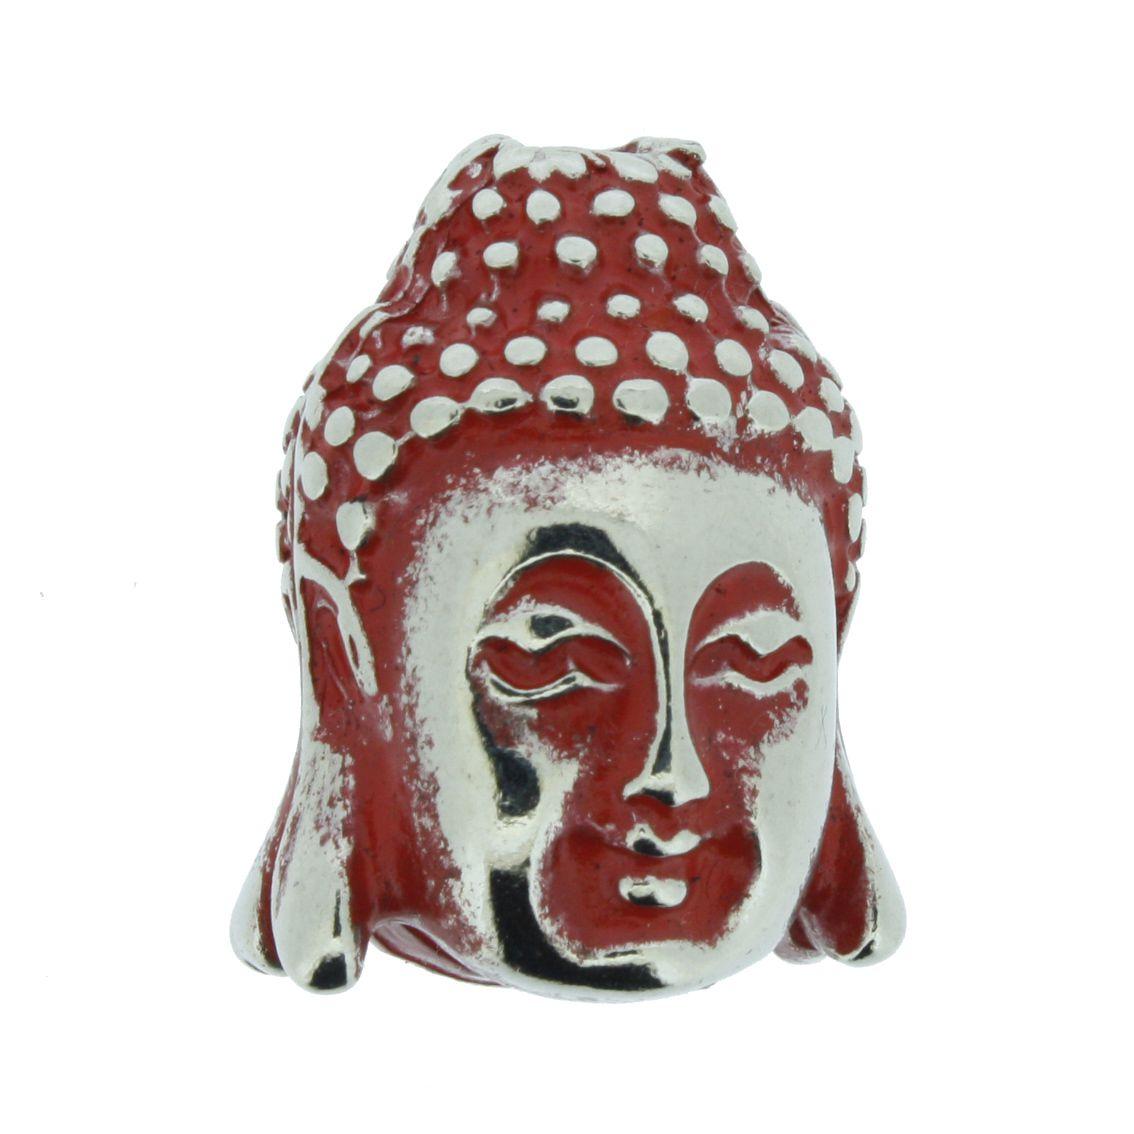 Buda - Vermelho Níquel - 23mm  - Universo Religioso® - Artigos de Umbanda e Candomblé